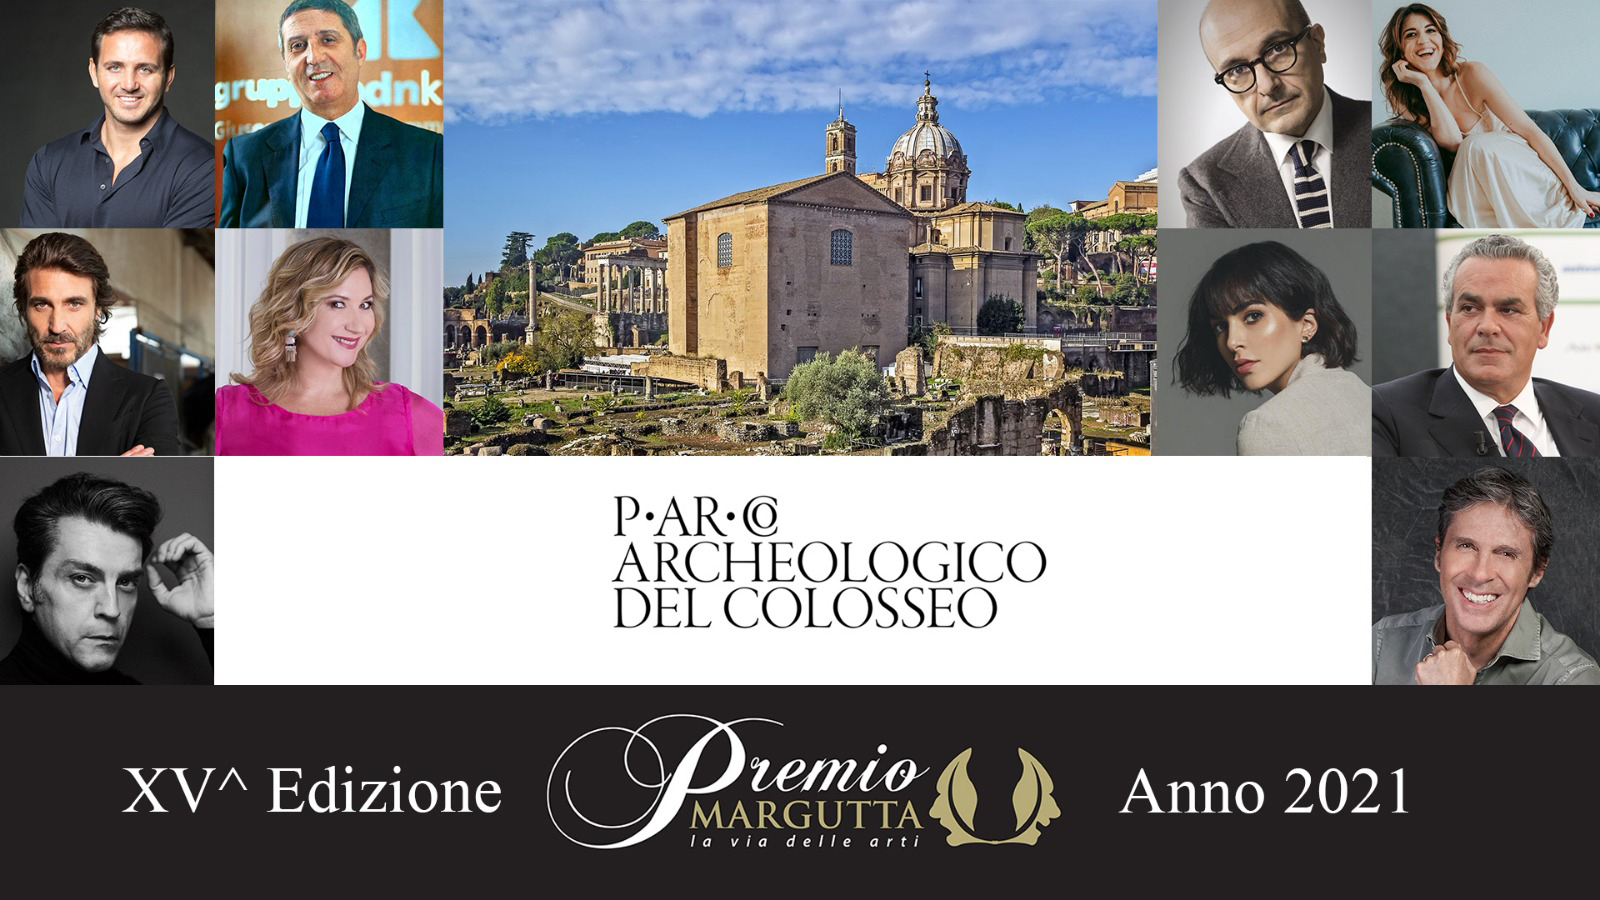 Premio Margutta - La Via delle Arti Cover Premiati PM 2021